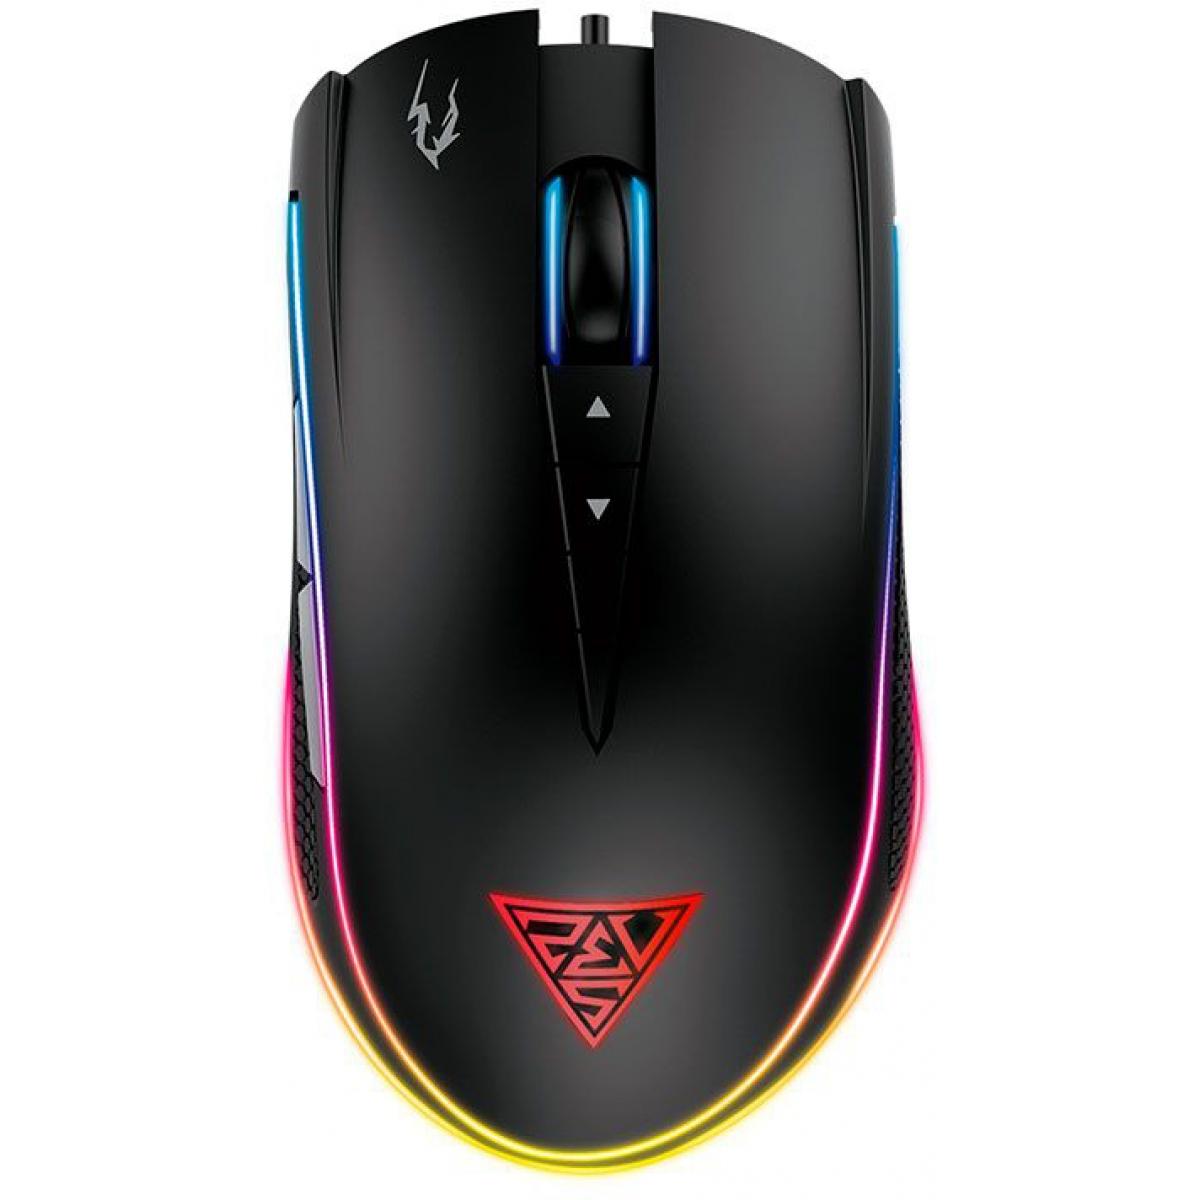 Mouse Gamer Gamdias Zeus M1 8 Botões Programáveis 7000 DPI RGB Preto